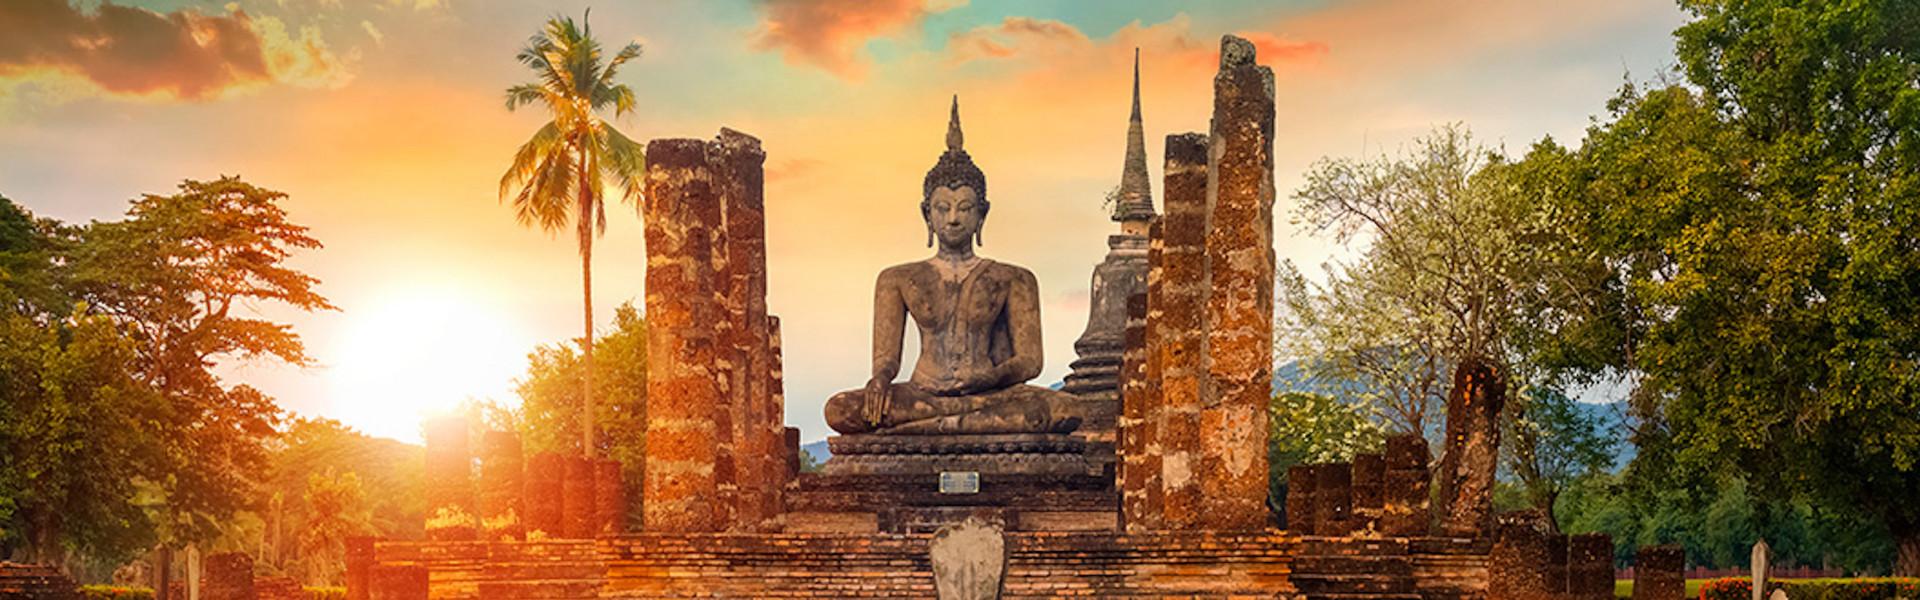 Main image ofDécouverte Nord Thailande - Frontières du Laos et Myanmar - Triangle d'Or - 11 Jours